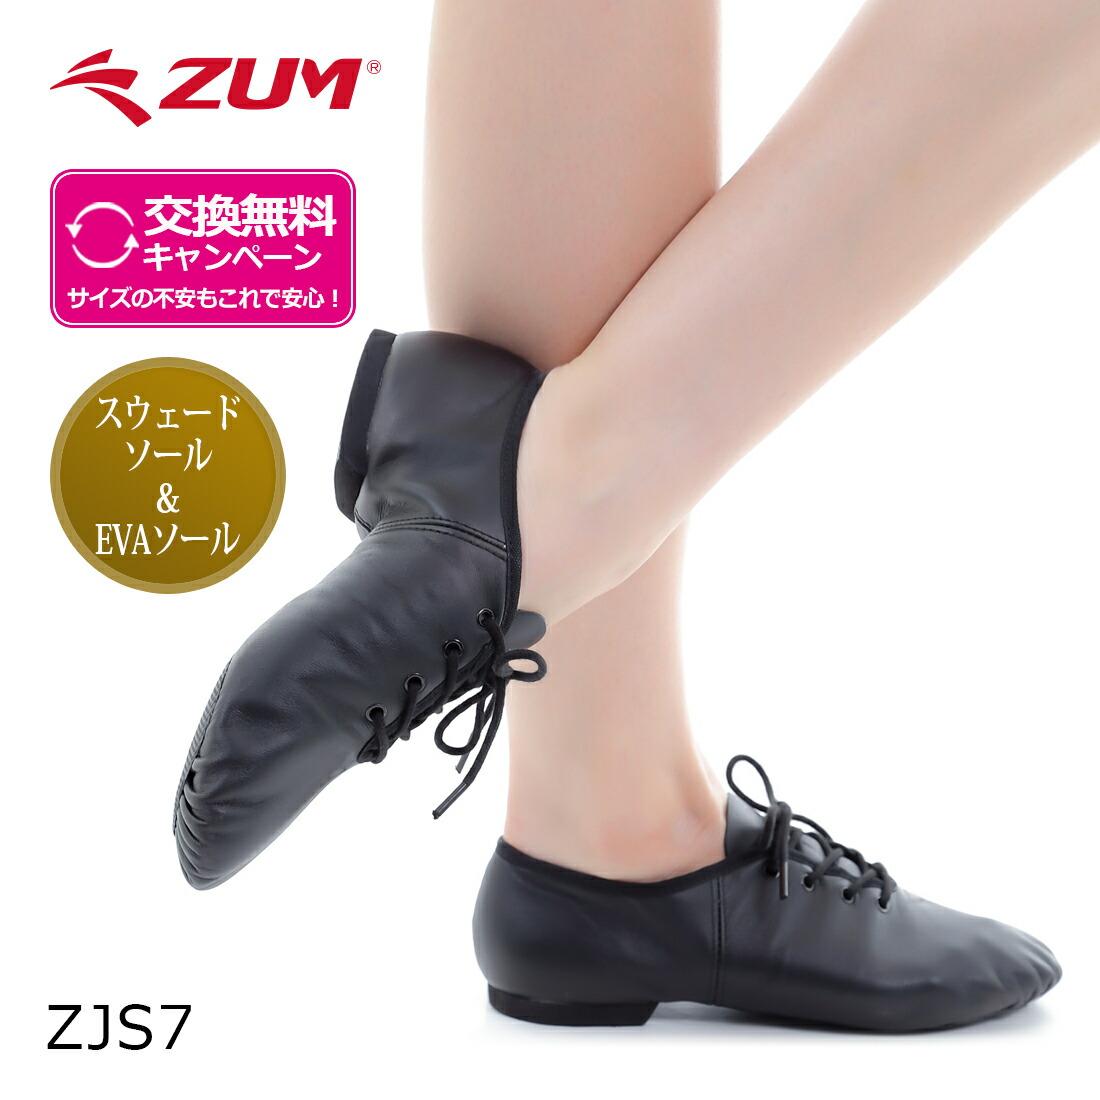 ジャズシューズ ジャズダンス シューズ ZUM ZJS7